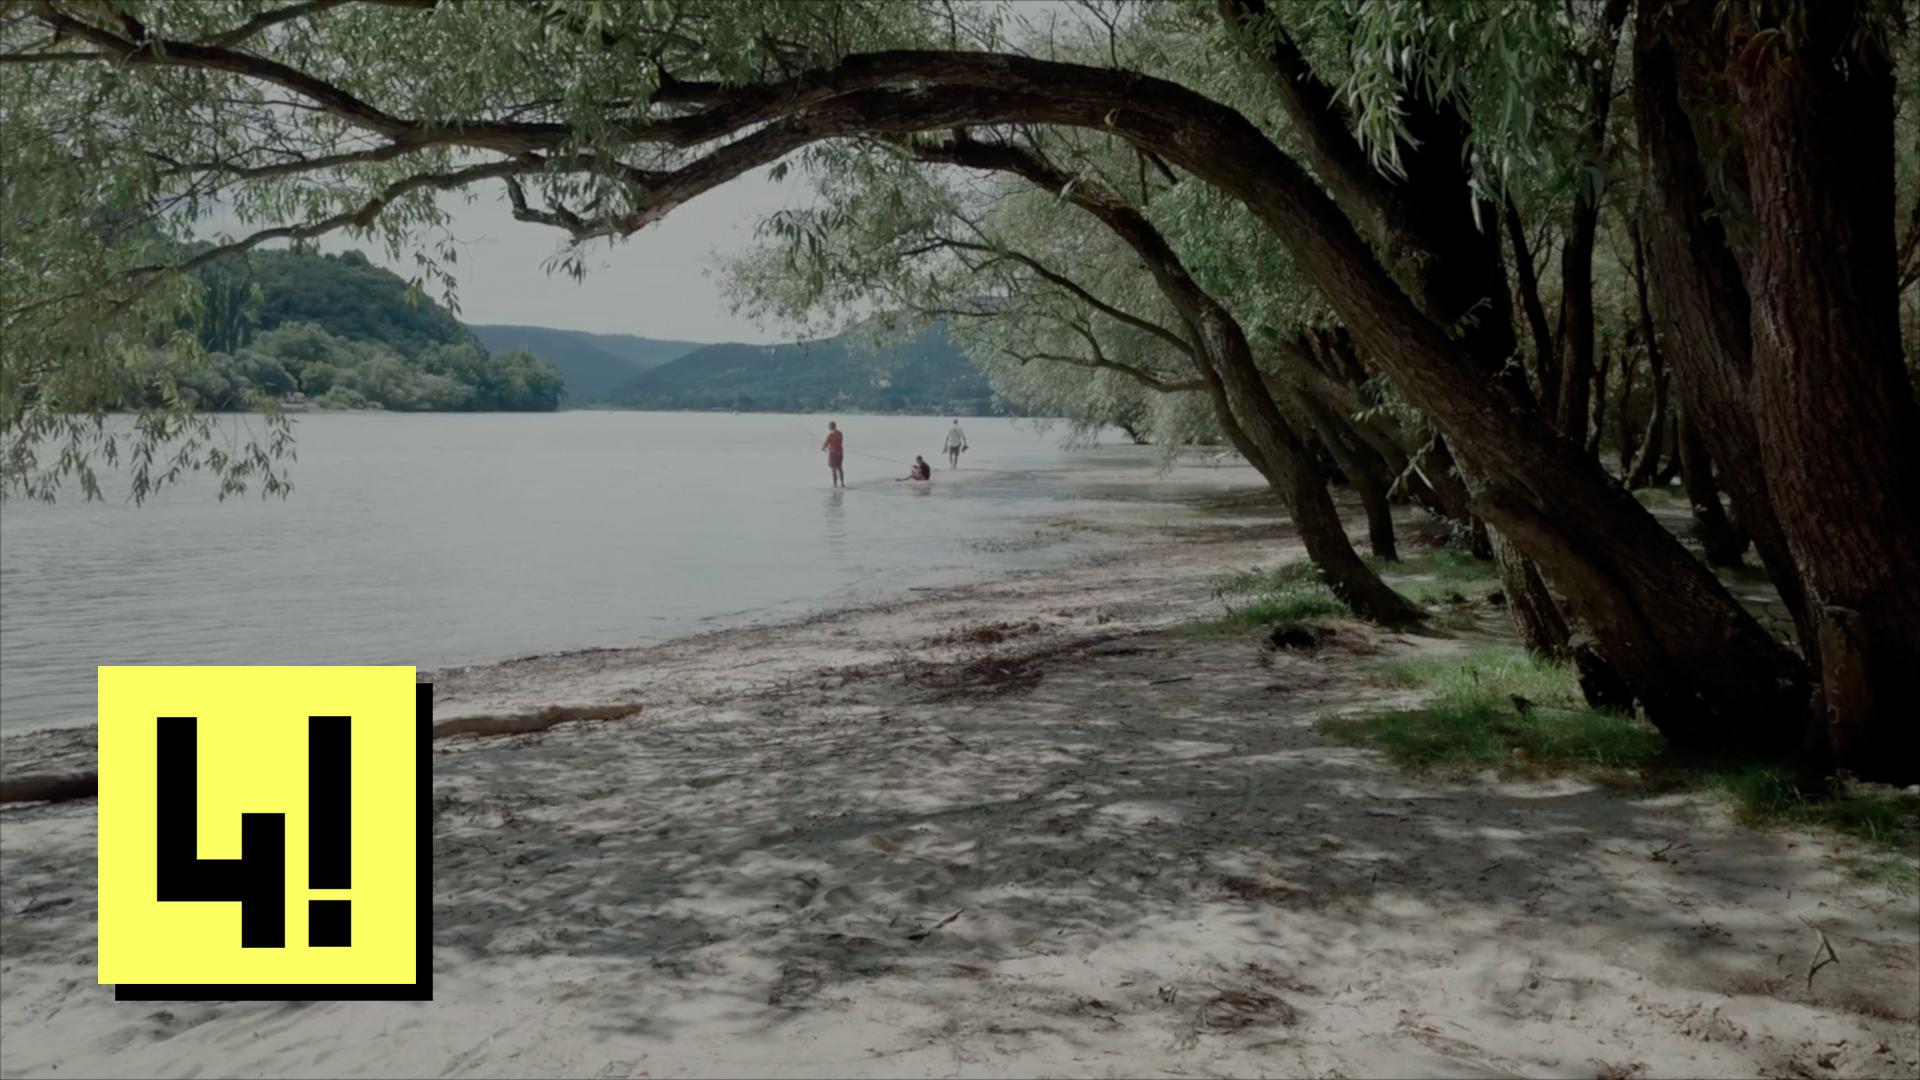 Itt a természetvédelmi területet kellene látni, nem a strandot